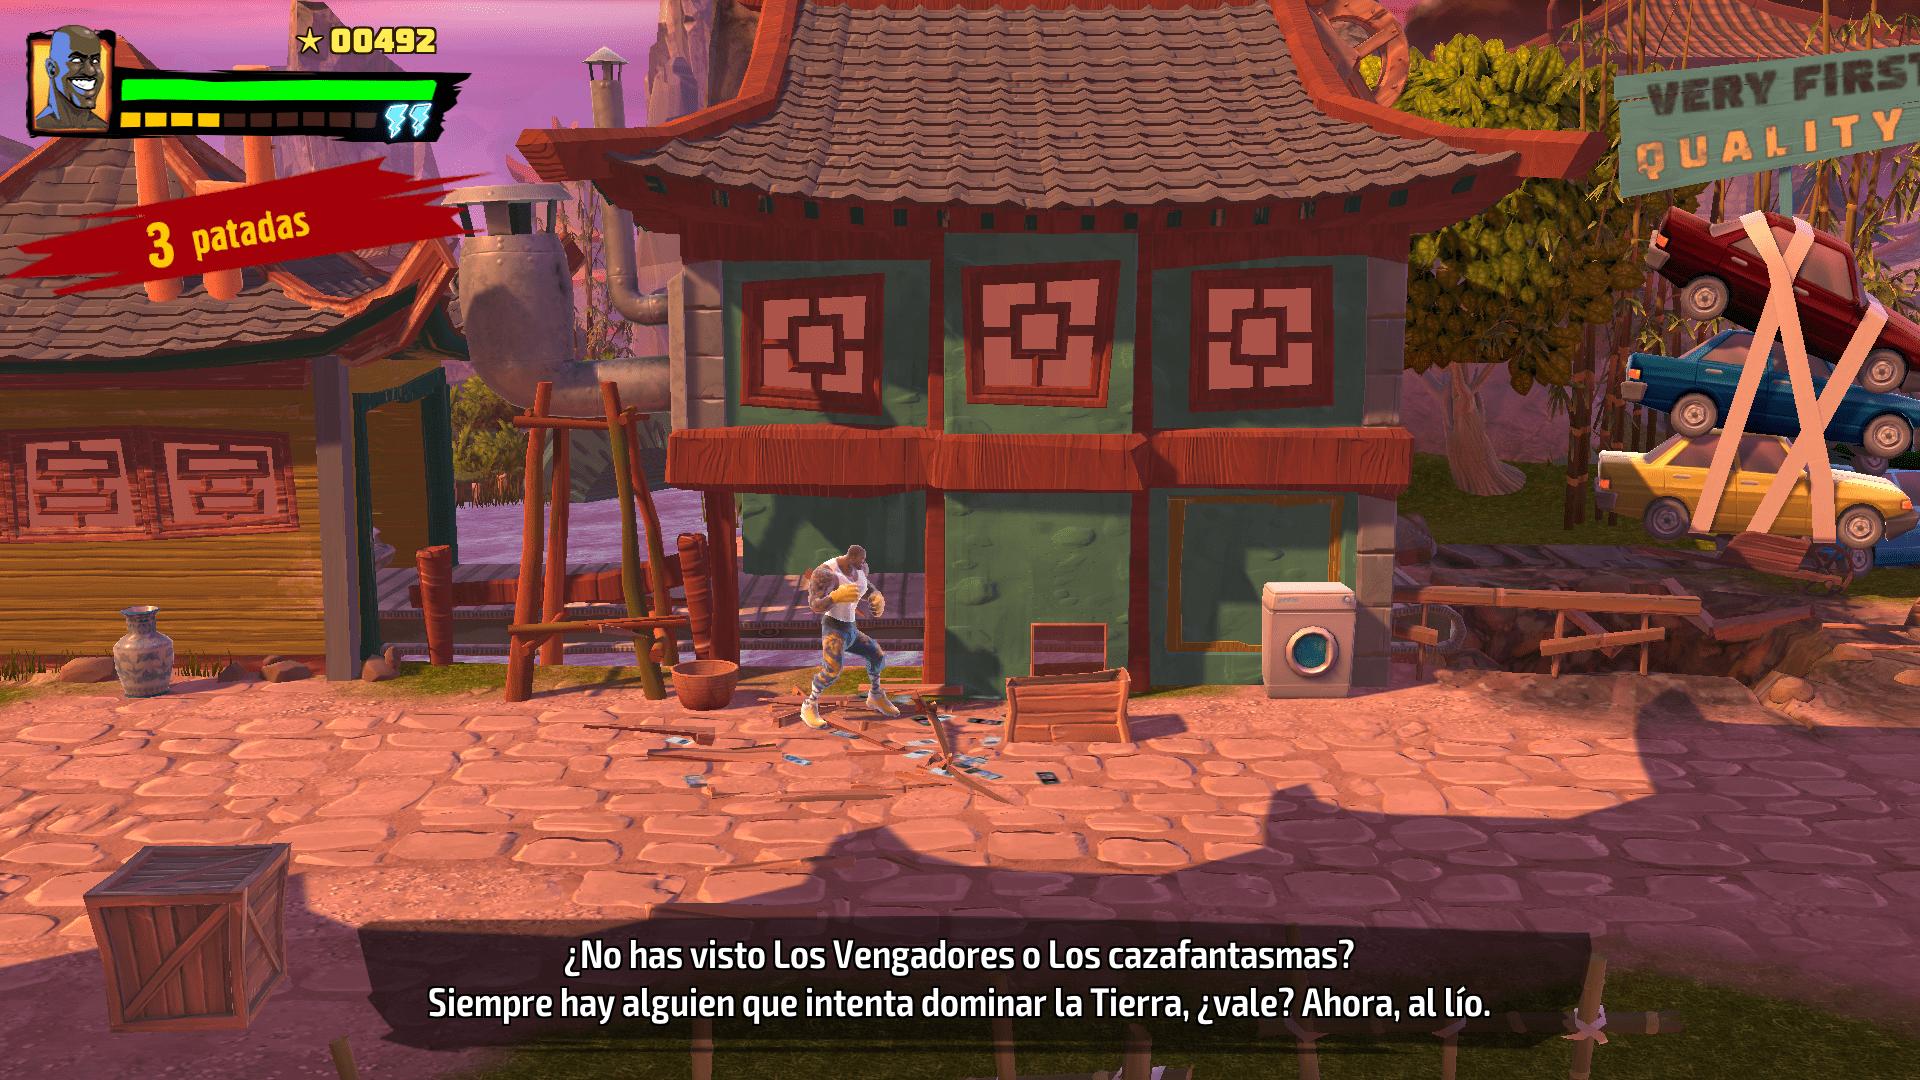 Análisis de Shaq Fu: A Legend Reborn - Analisis de Shaq Fu: A Legend Reborn para Xbox One. Descubre el juego de lucha protagonizado por la estrella de la NBA, Shaquille O'Neal.